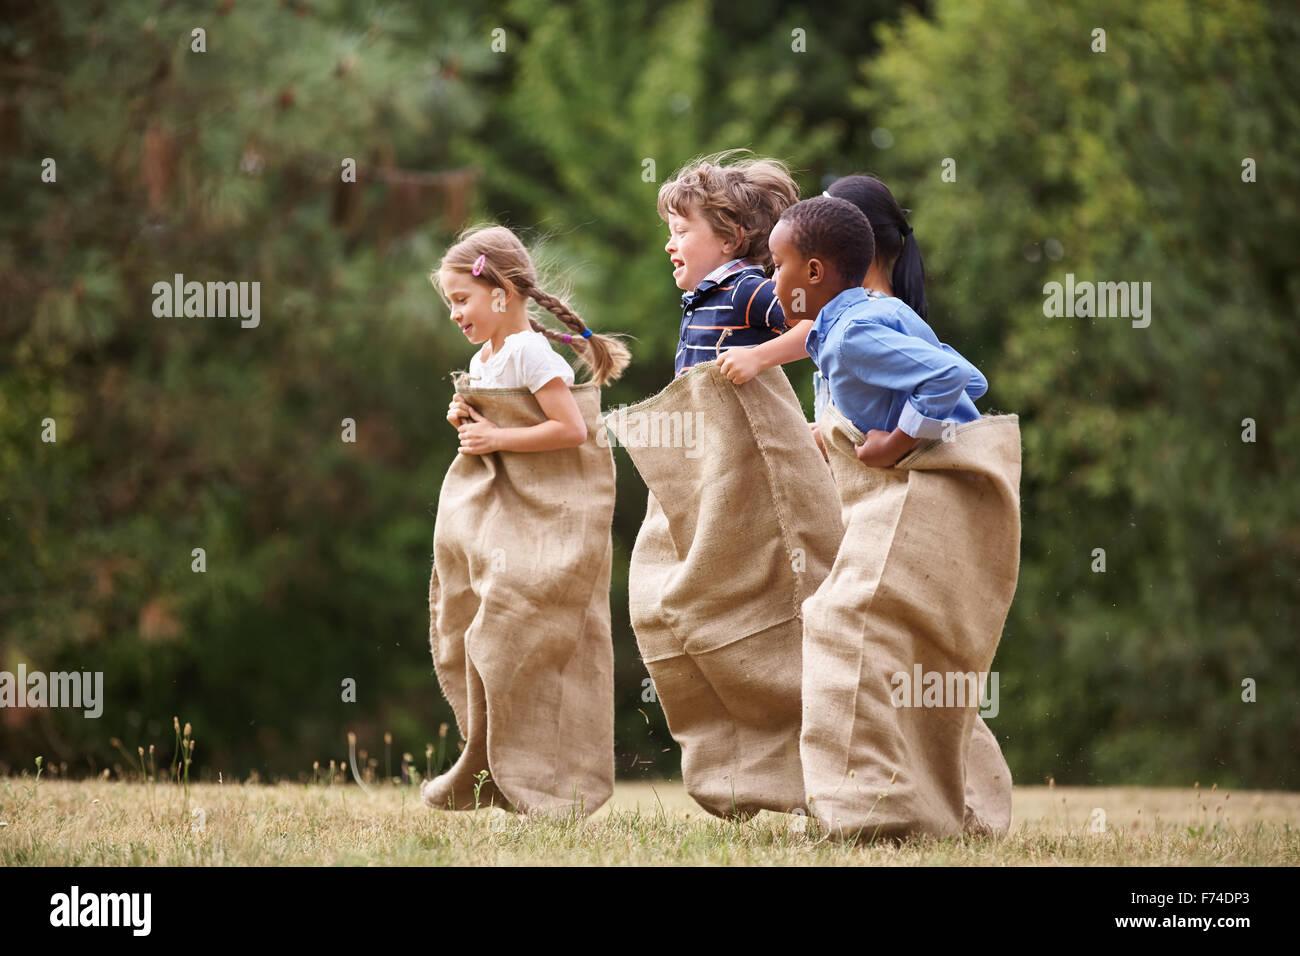 Interracial grupo de chicos compitiendo en una carrera de sacos en verano Imagen De Stock